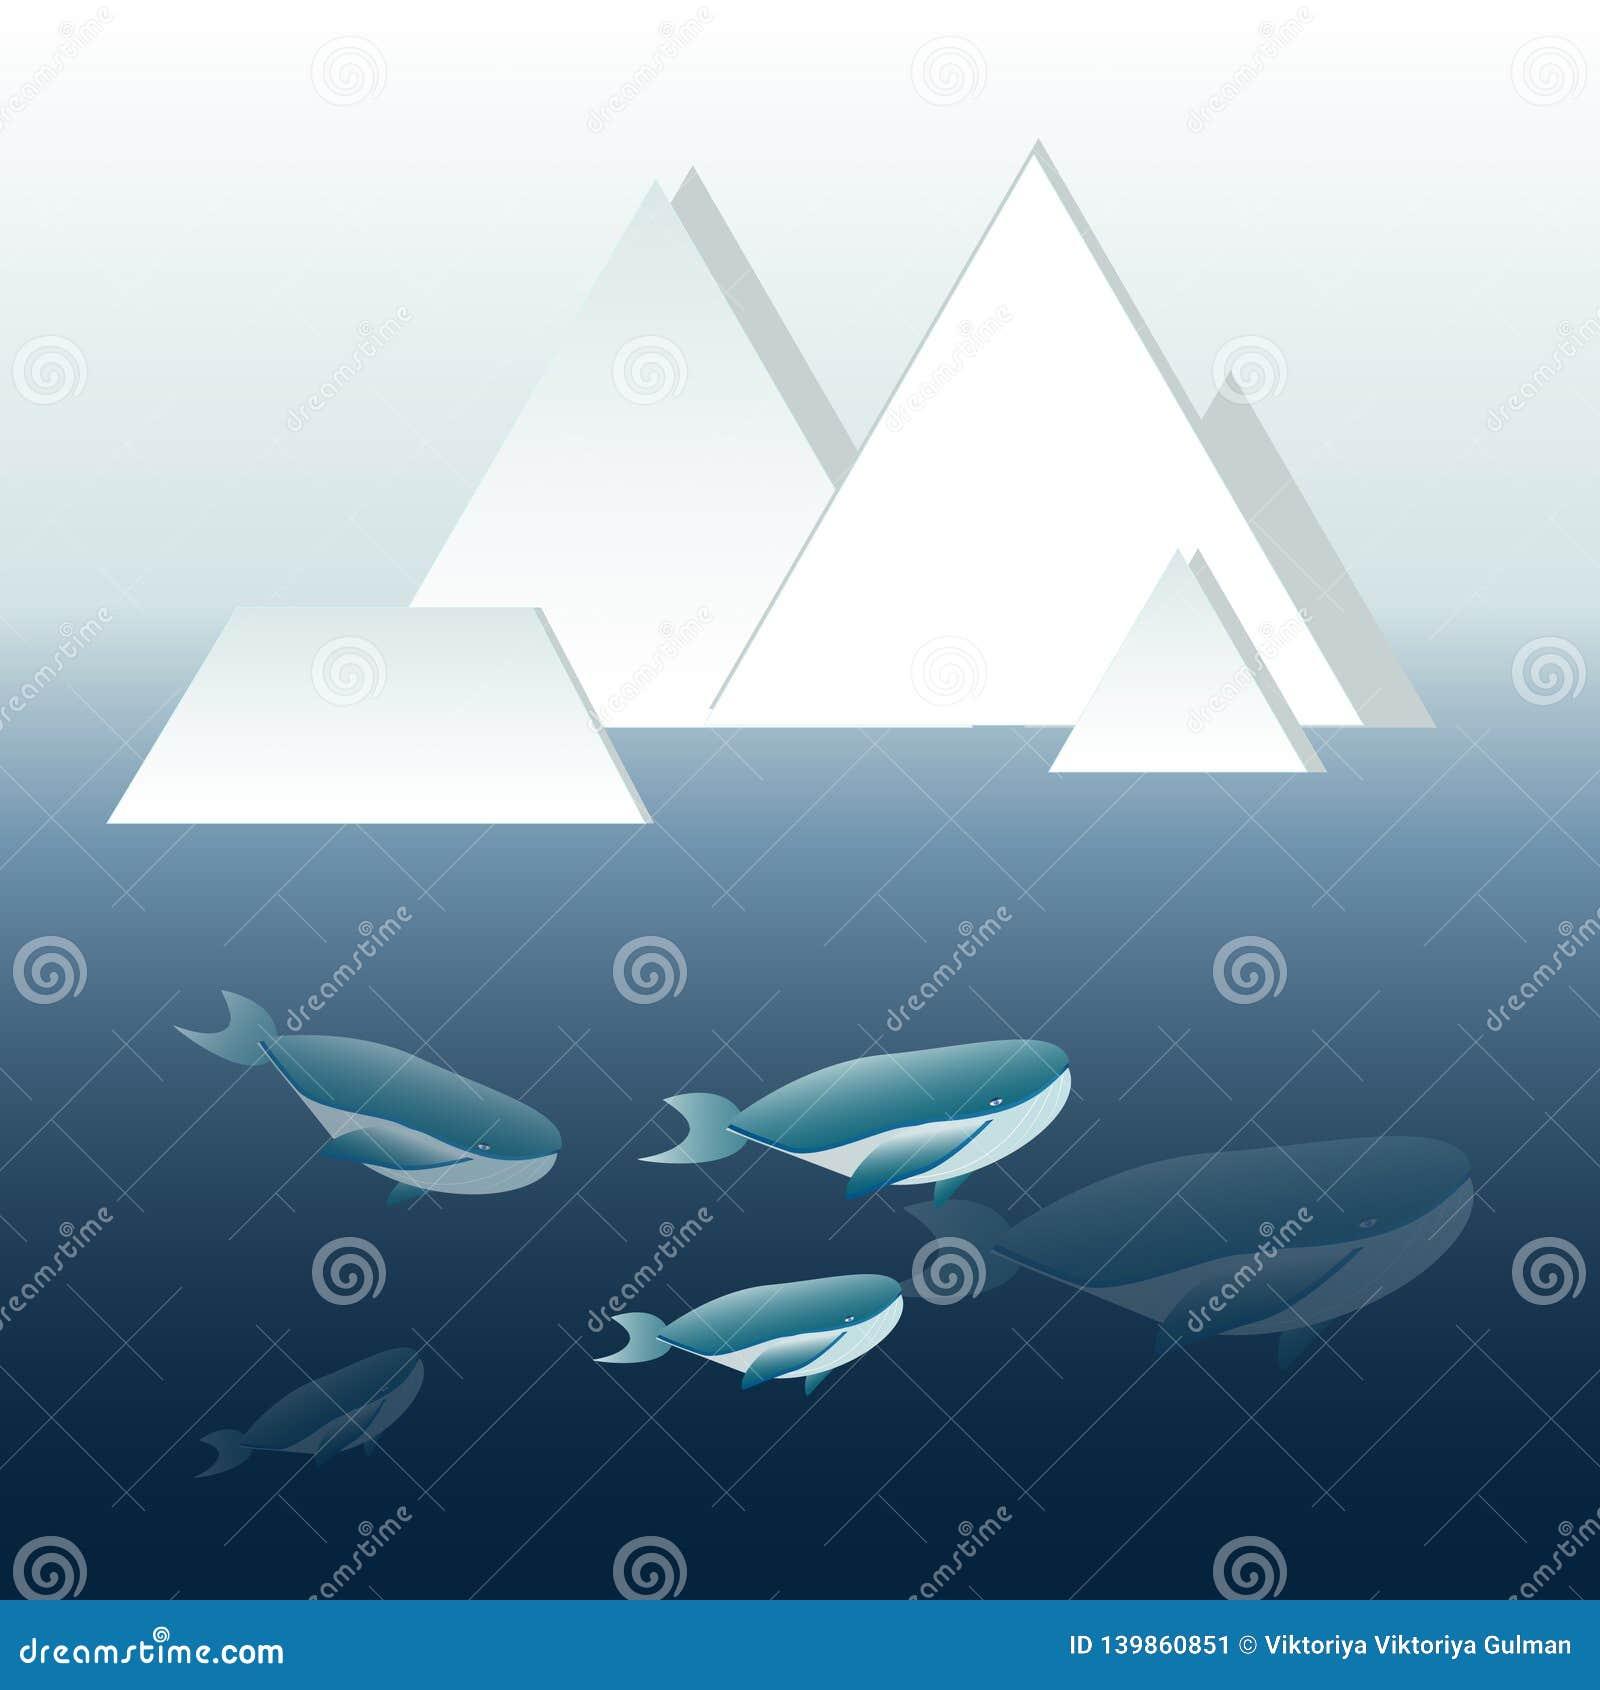 Ilustração do vetor da família das baleias azuis profundamente no oceano com iceberg fora